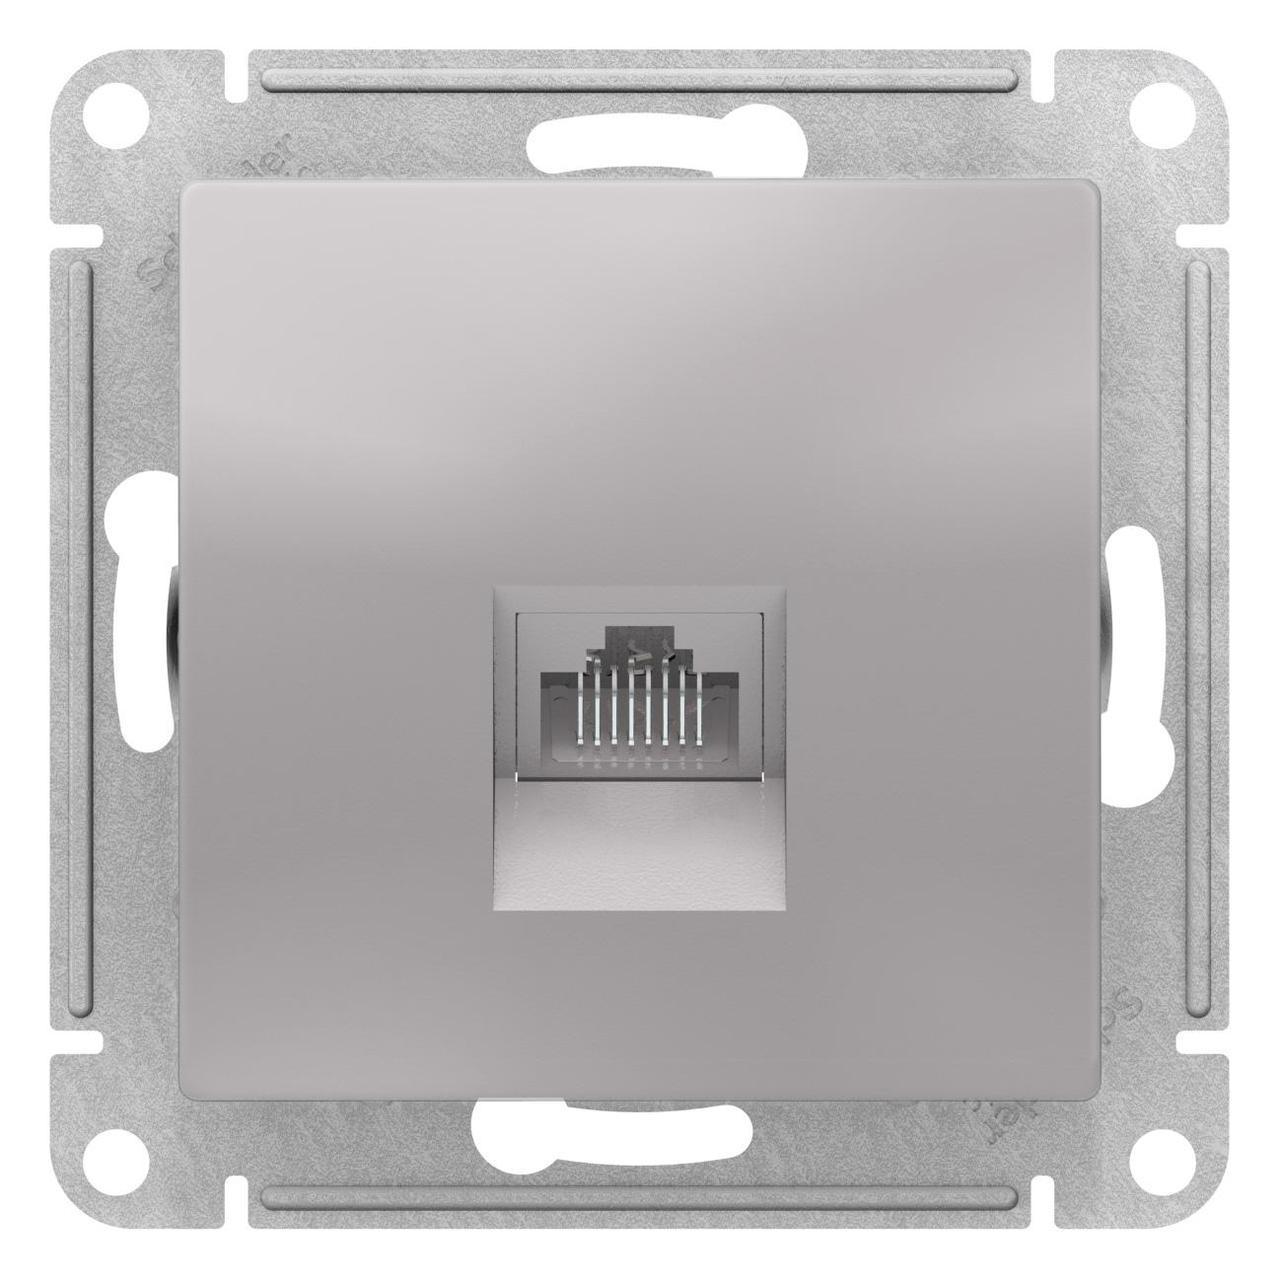 Розетка компьютерная 1-ая кат.5е, RJ-45 (интернет) , Алюминий, серия Atlas Design, Schneider Electric